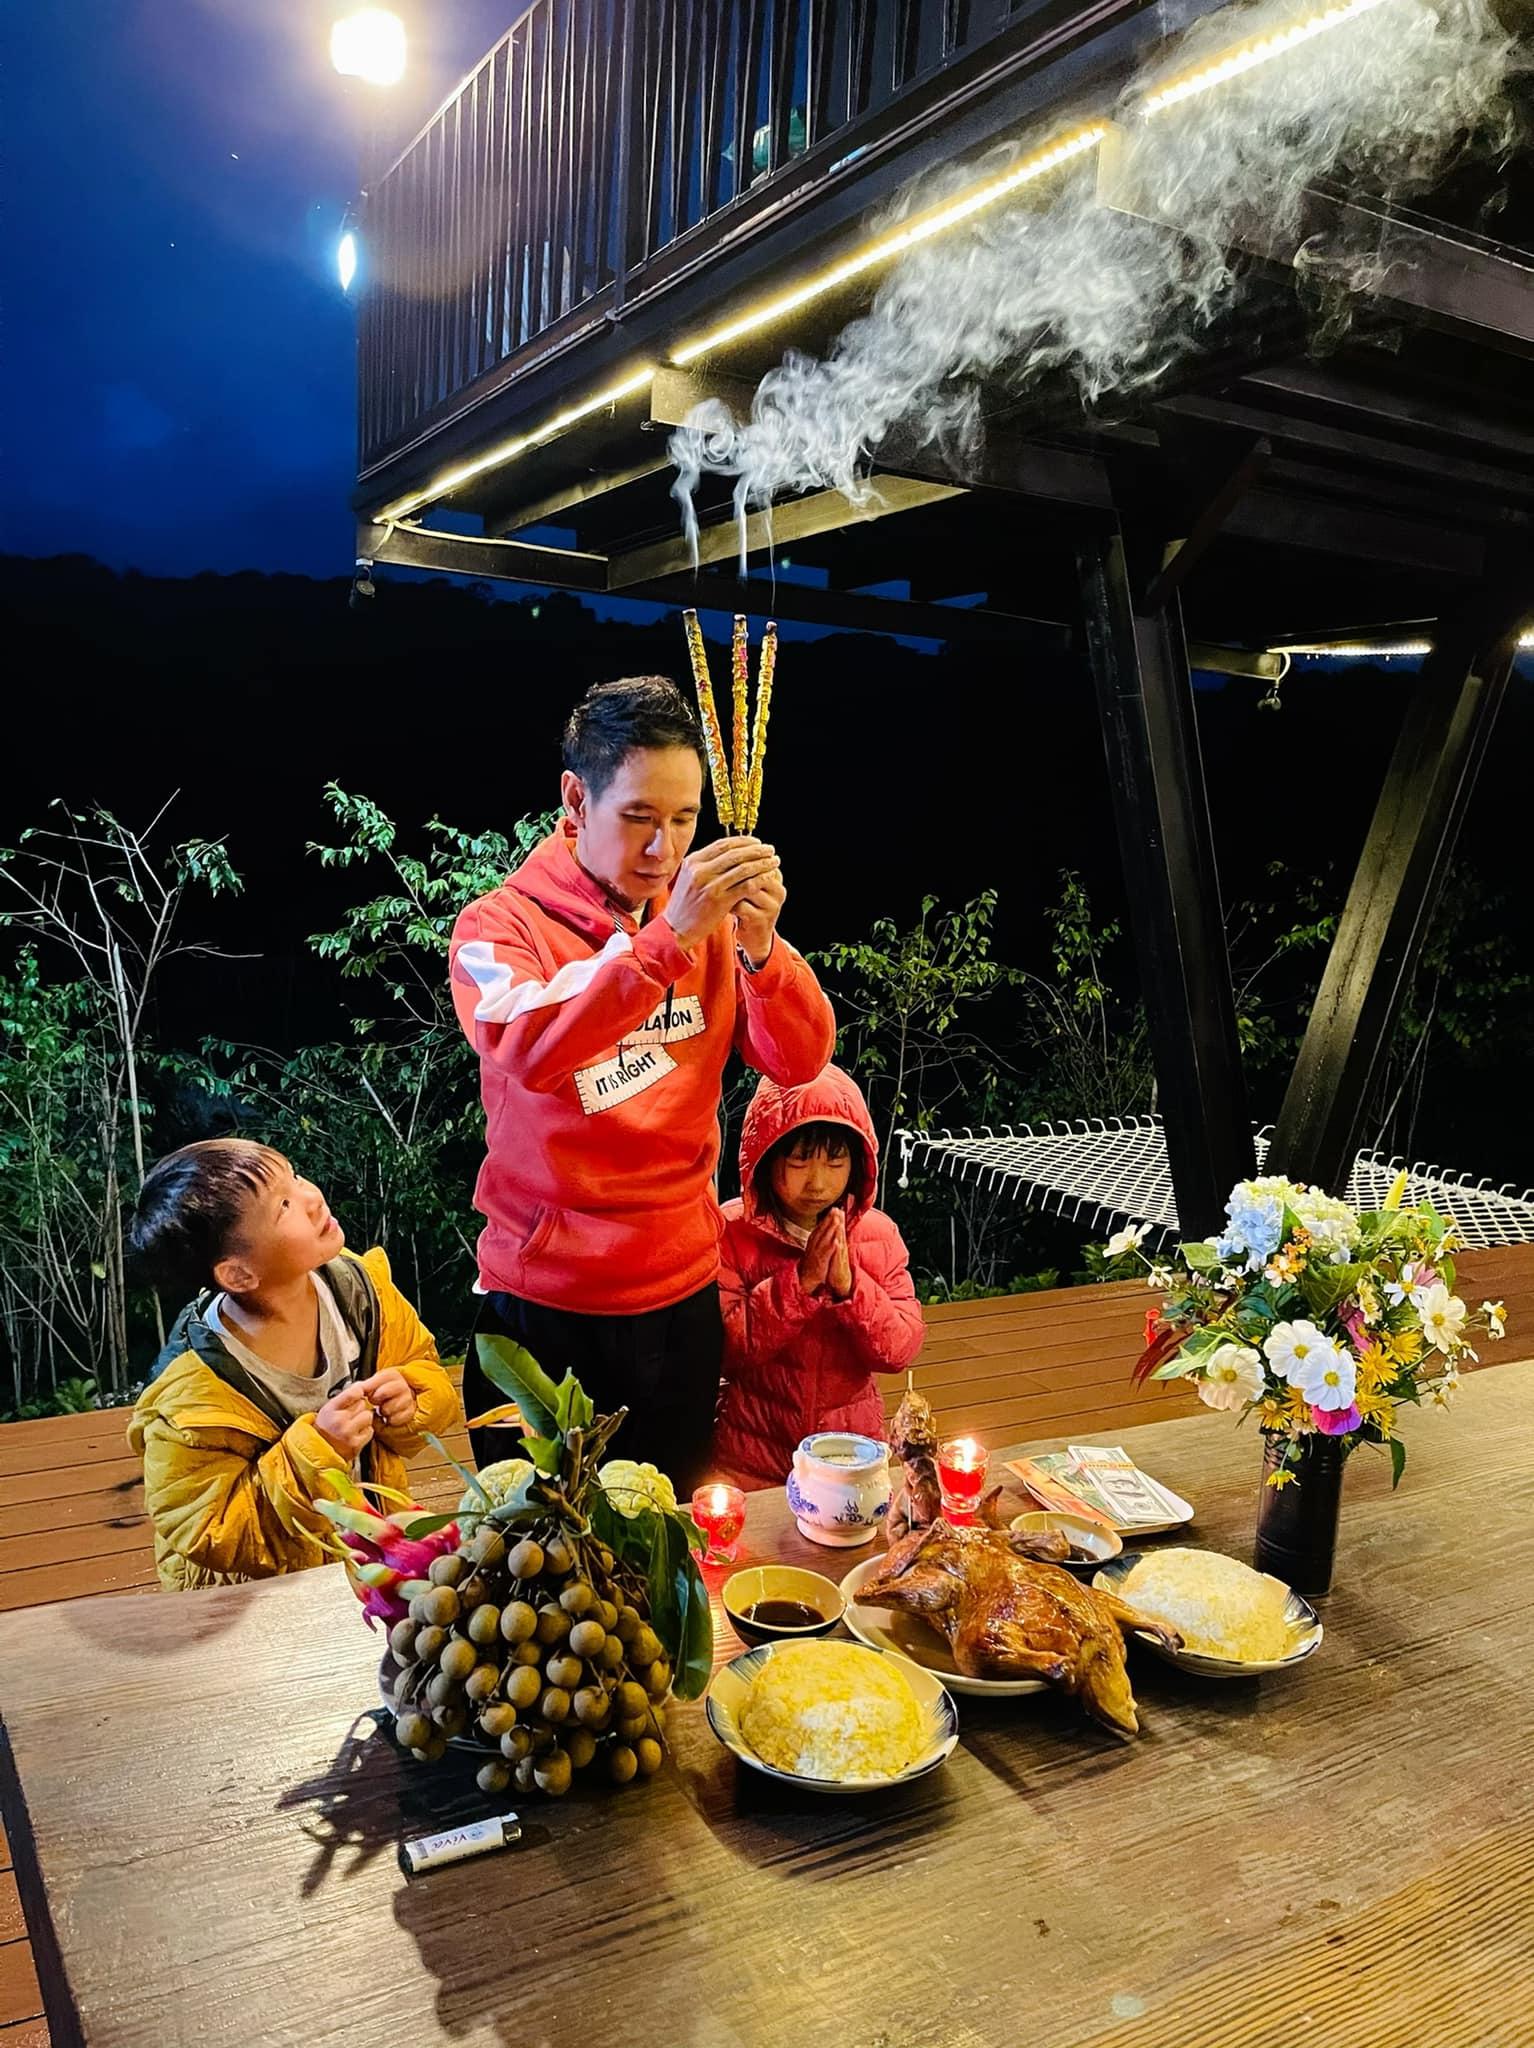 Vì dịch nên vợ chồng Lý Hải, Minh Hà bị kẹt ở Đà Lạt gần 5 tháng qua. Họ bày trí mâm cúng Tổ nghề